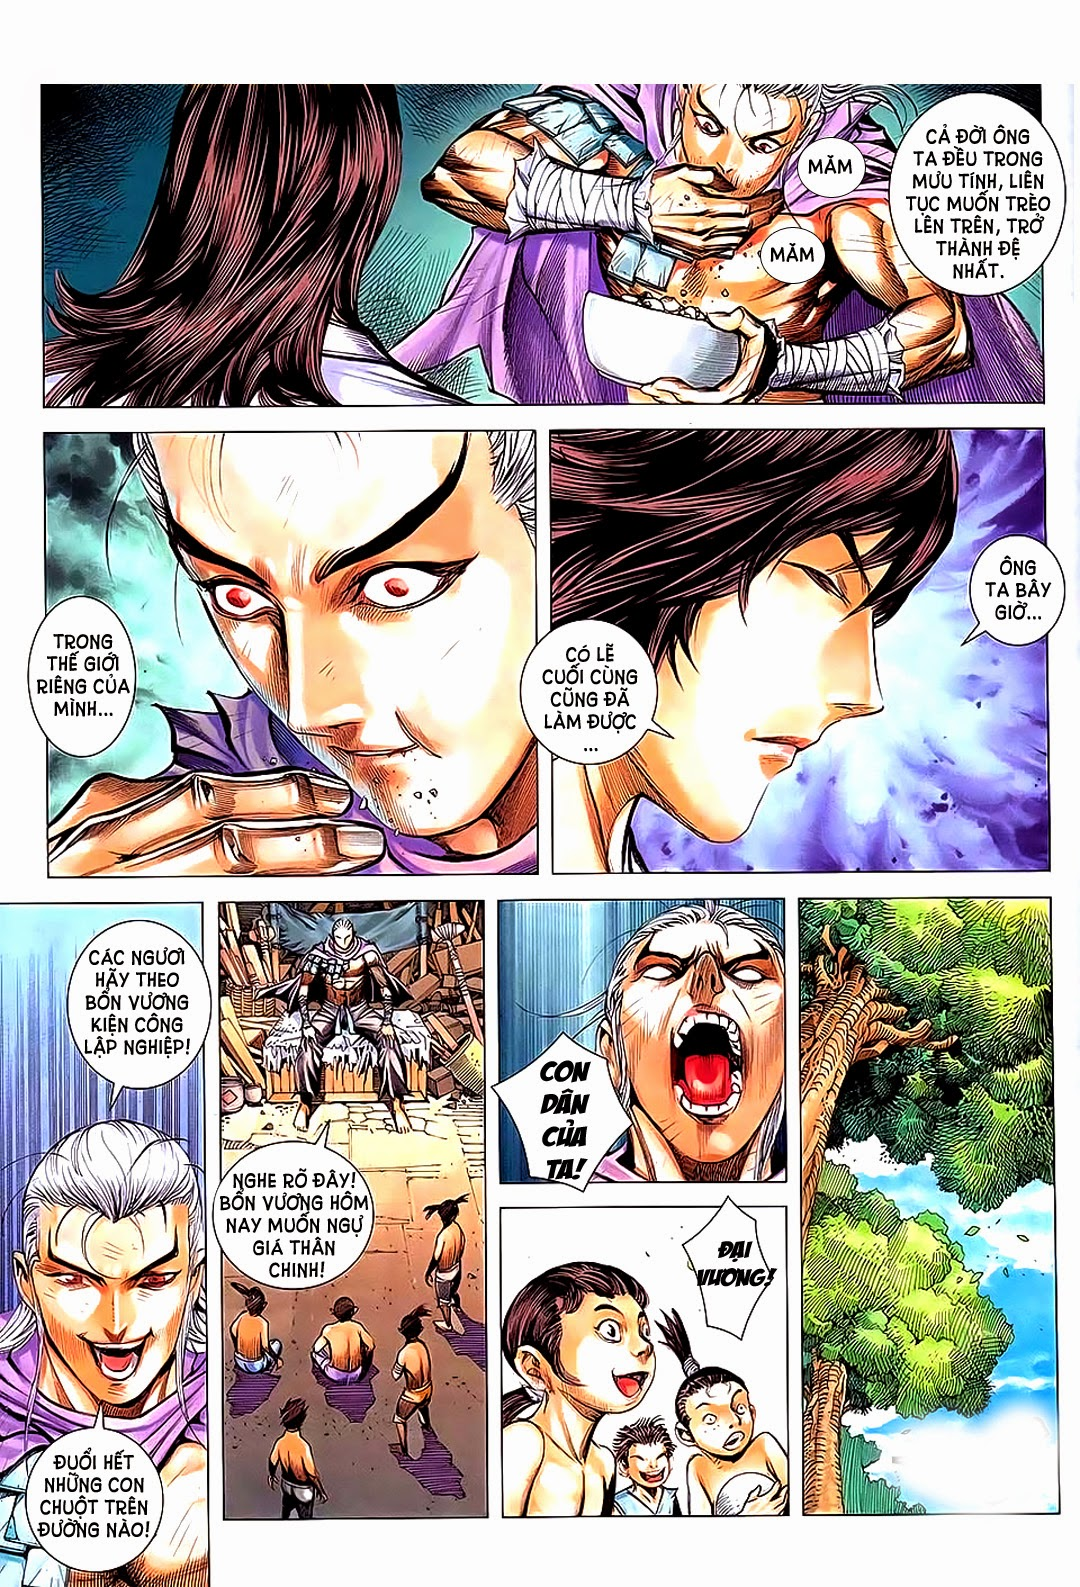 Phong Thần Ký chap 182 – End Trang 7 - Mangak.info